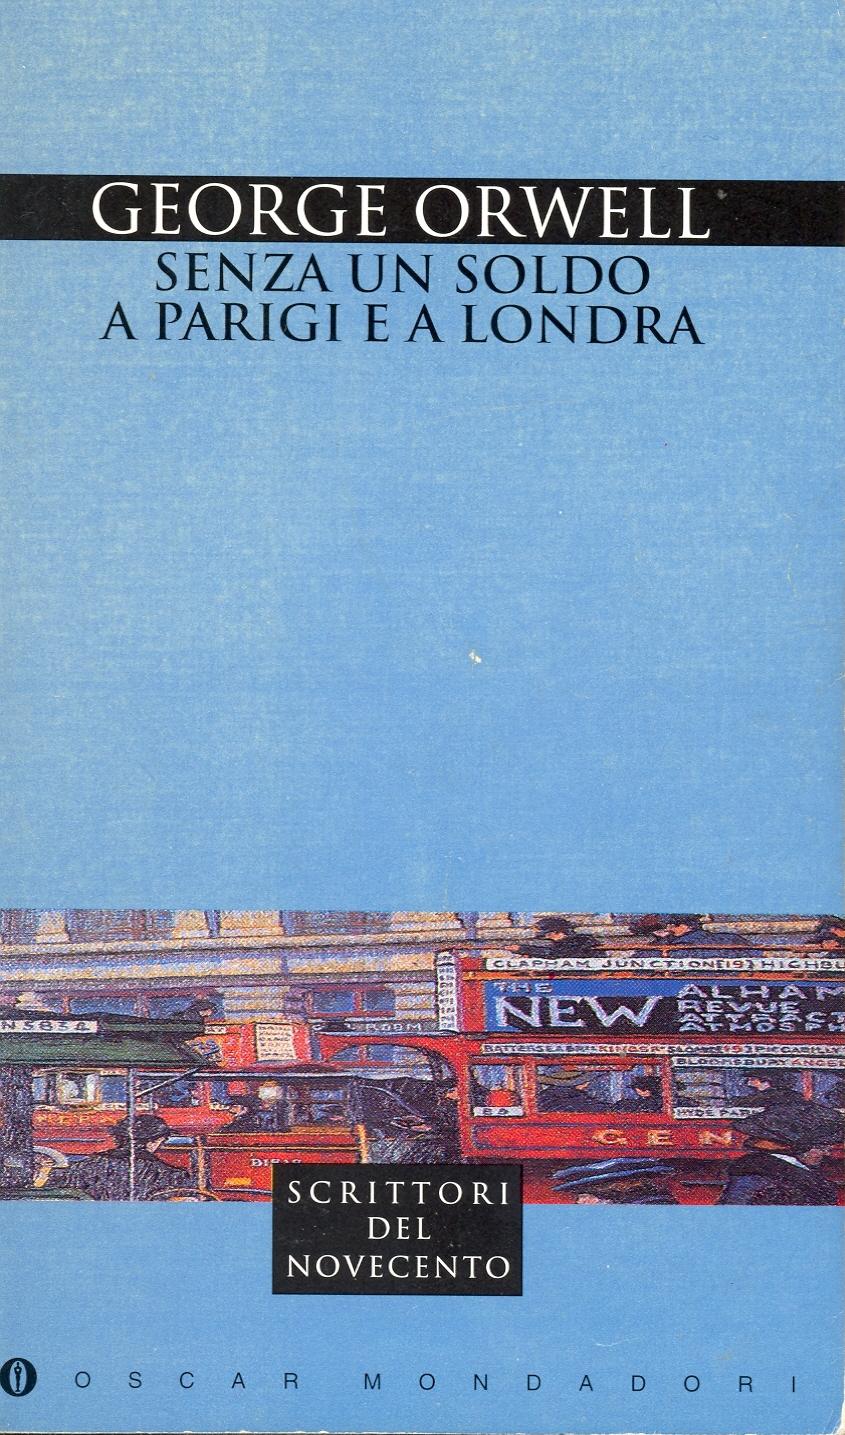 Senza un soldo a Parigi e a Londra